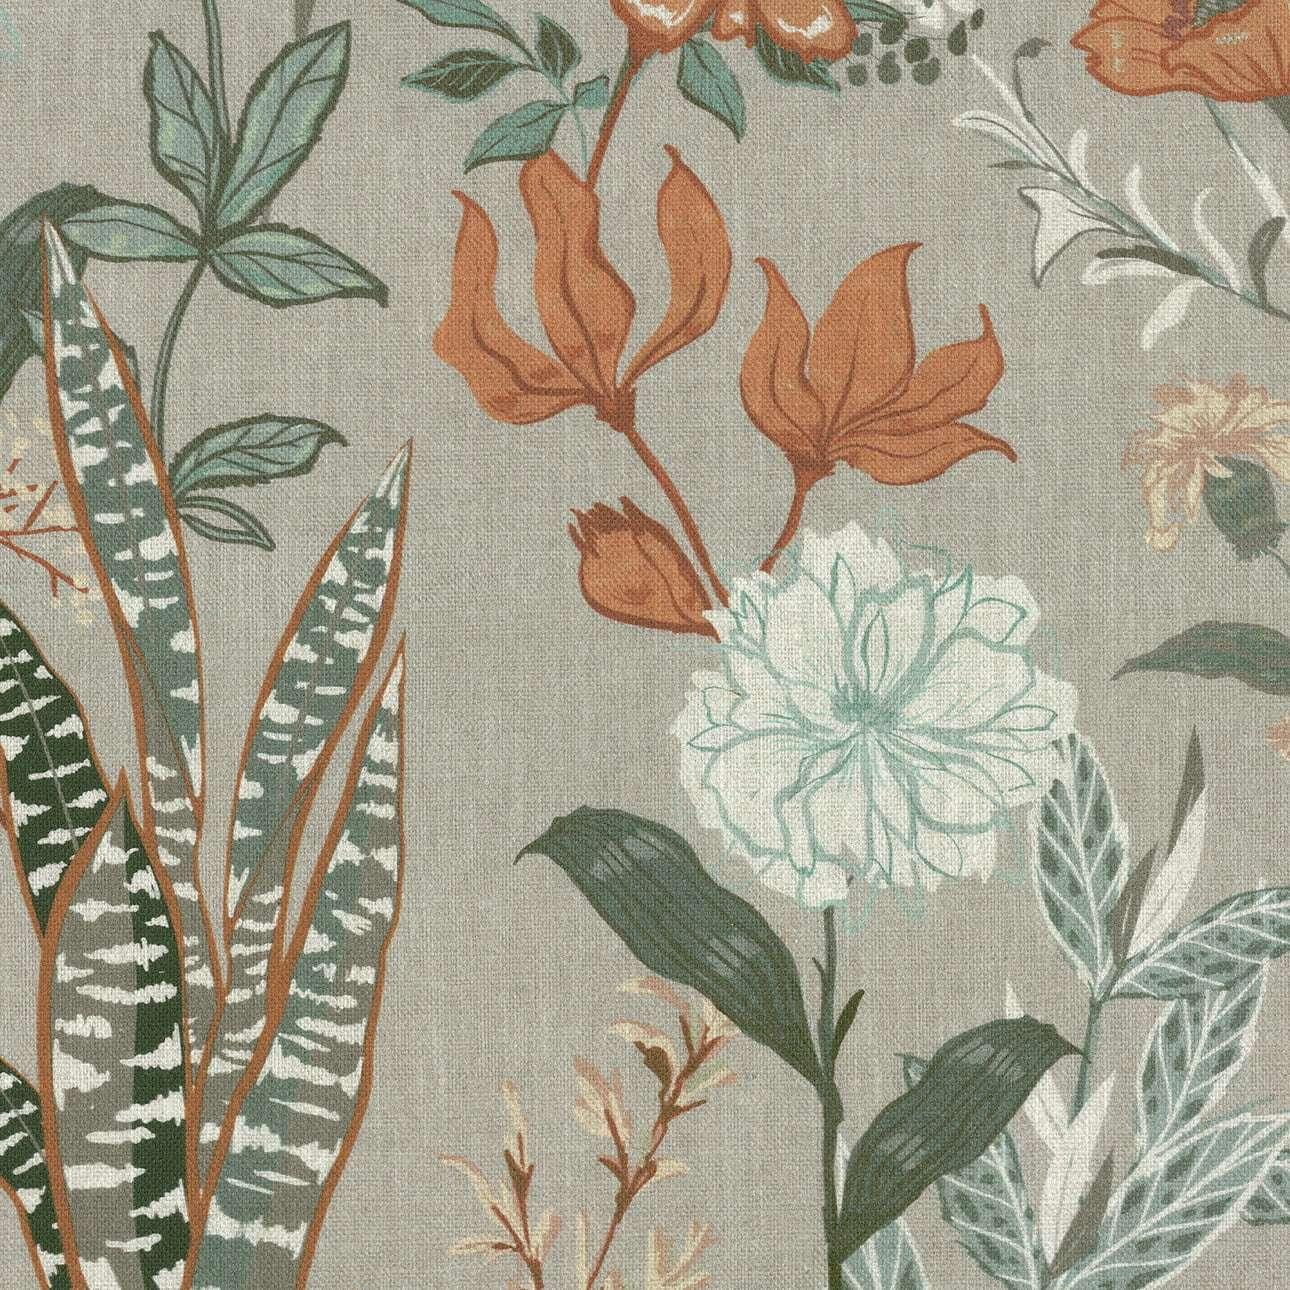 Podnóżek okrągły natural w kolekcji Flowers, tkanina: 143-70